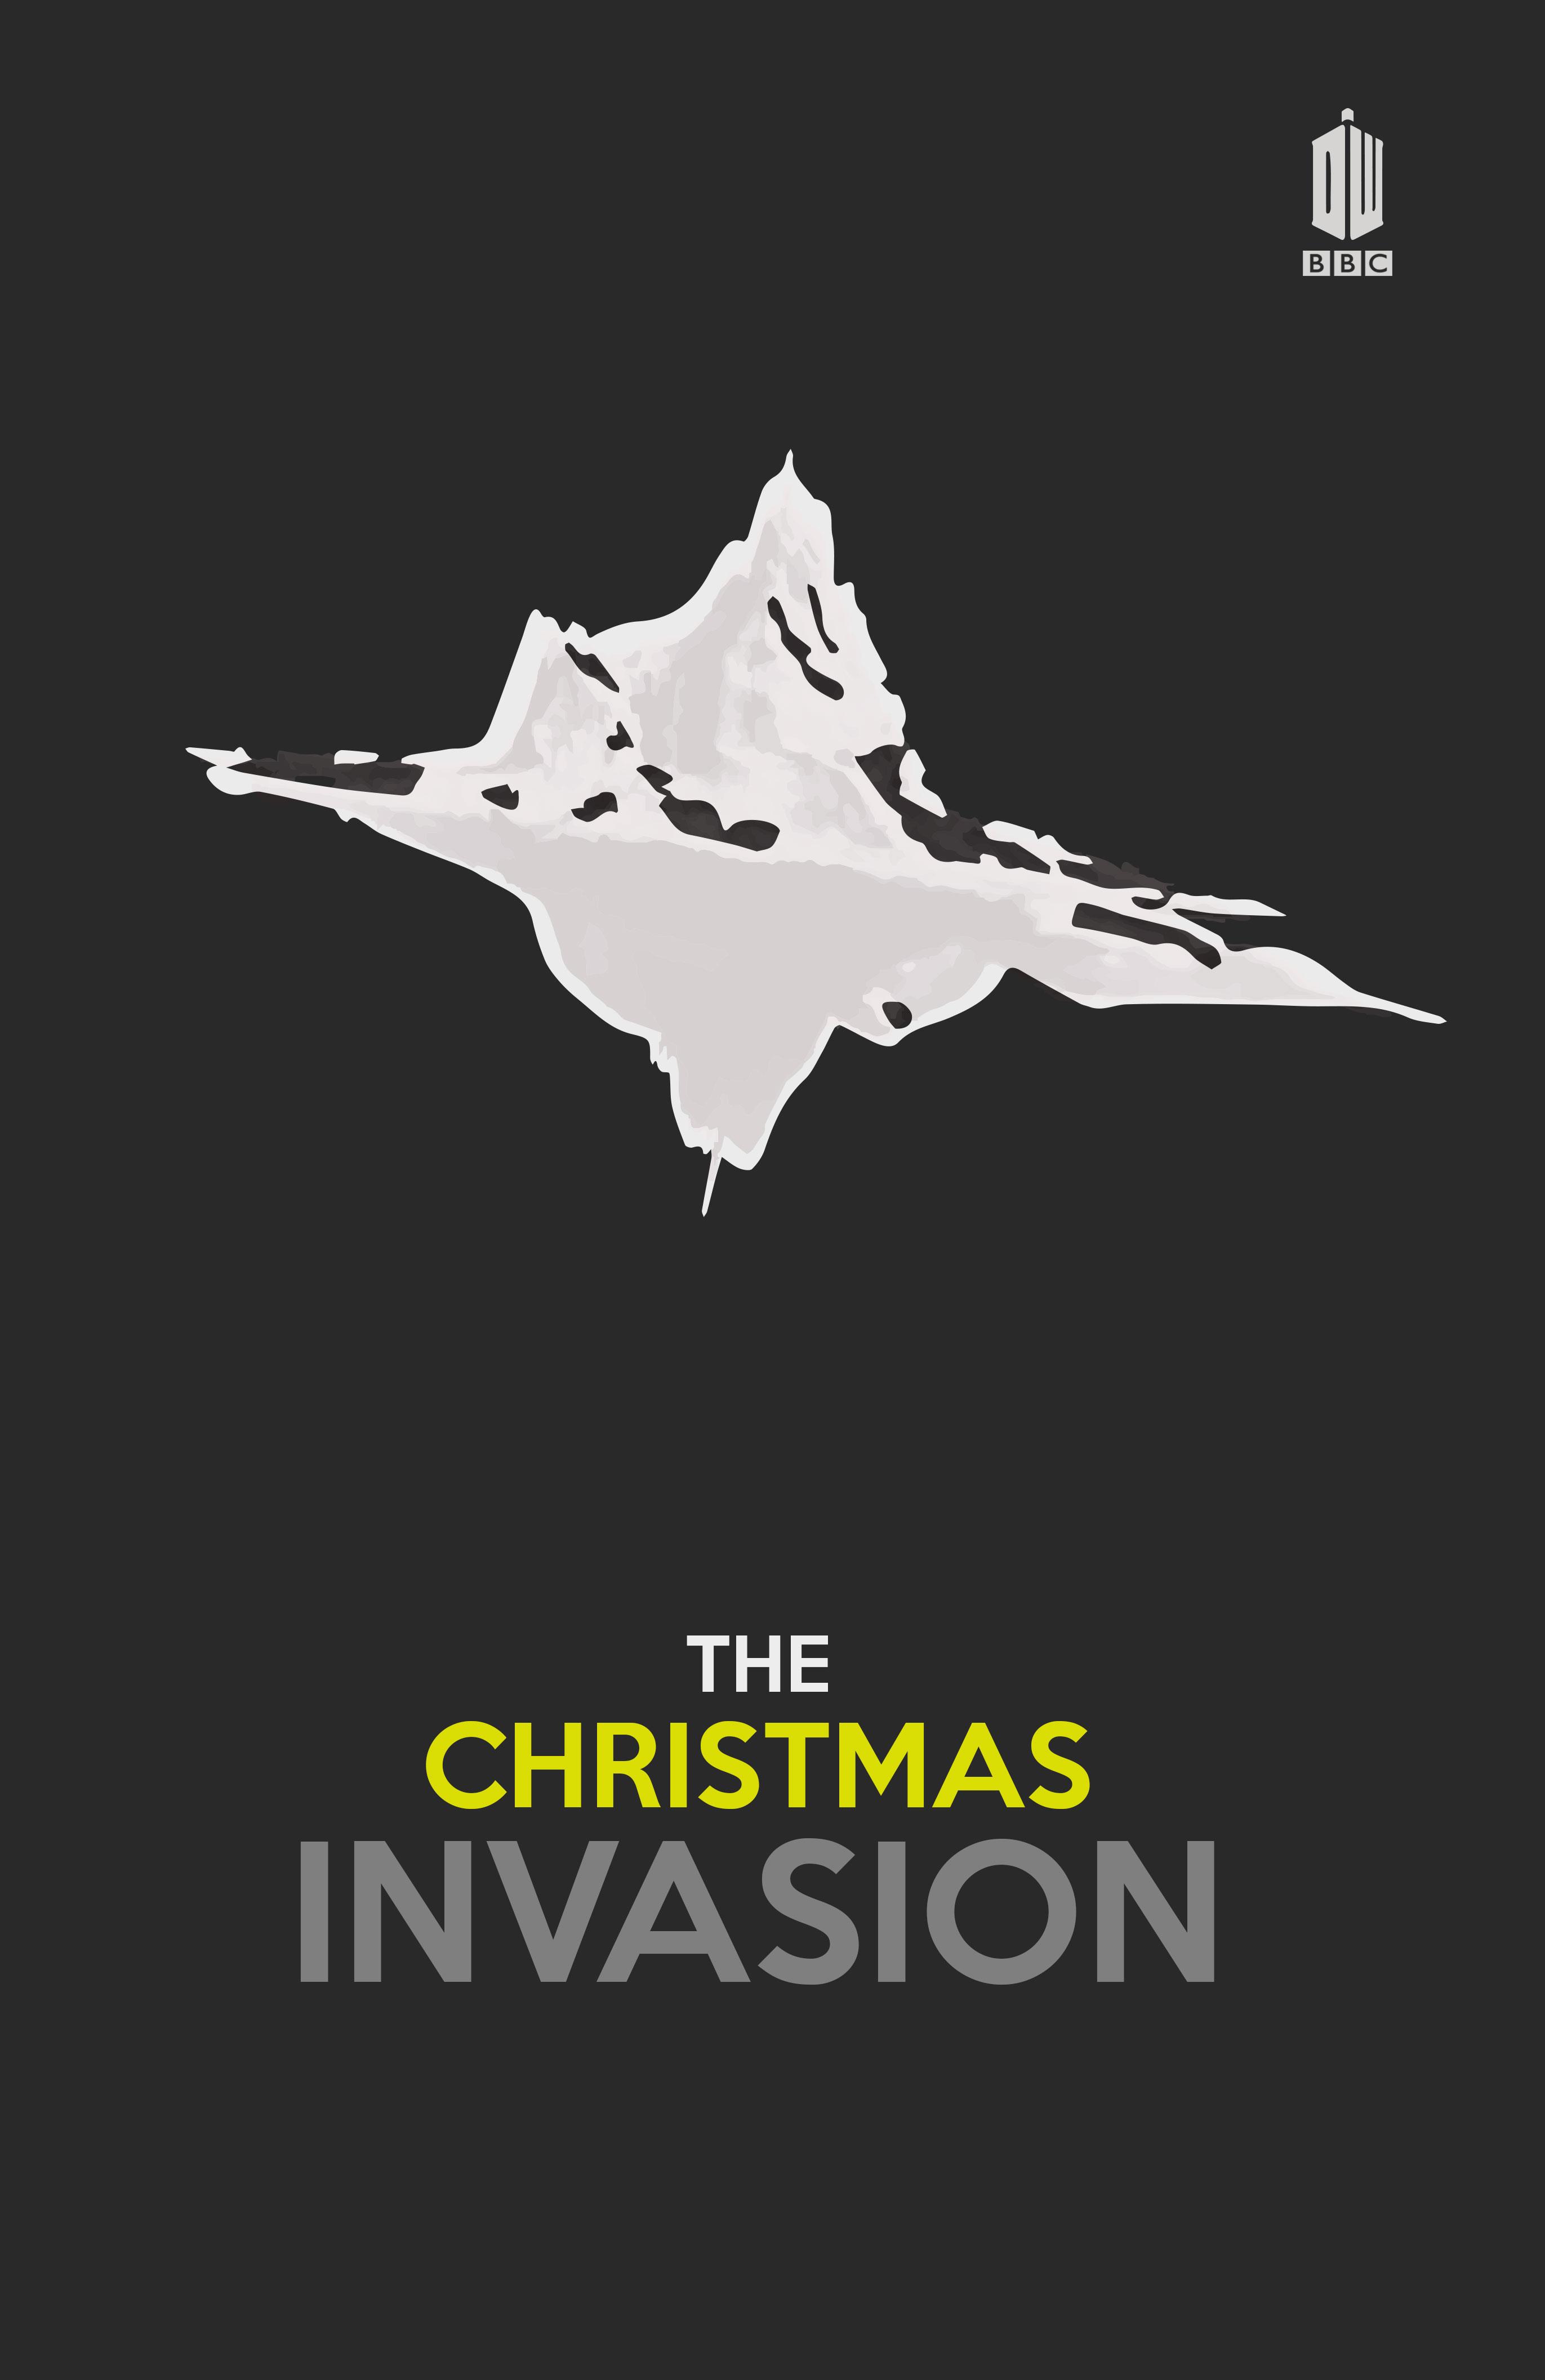 دانستنیهای اپیزود ویژهی کریسمس – The Christmas Invasion